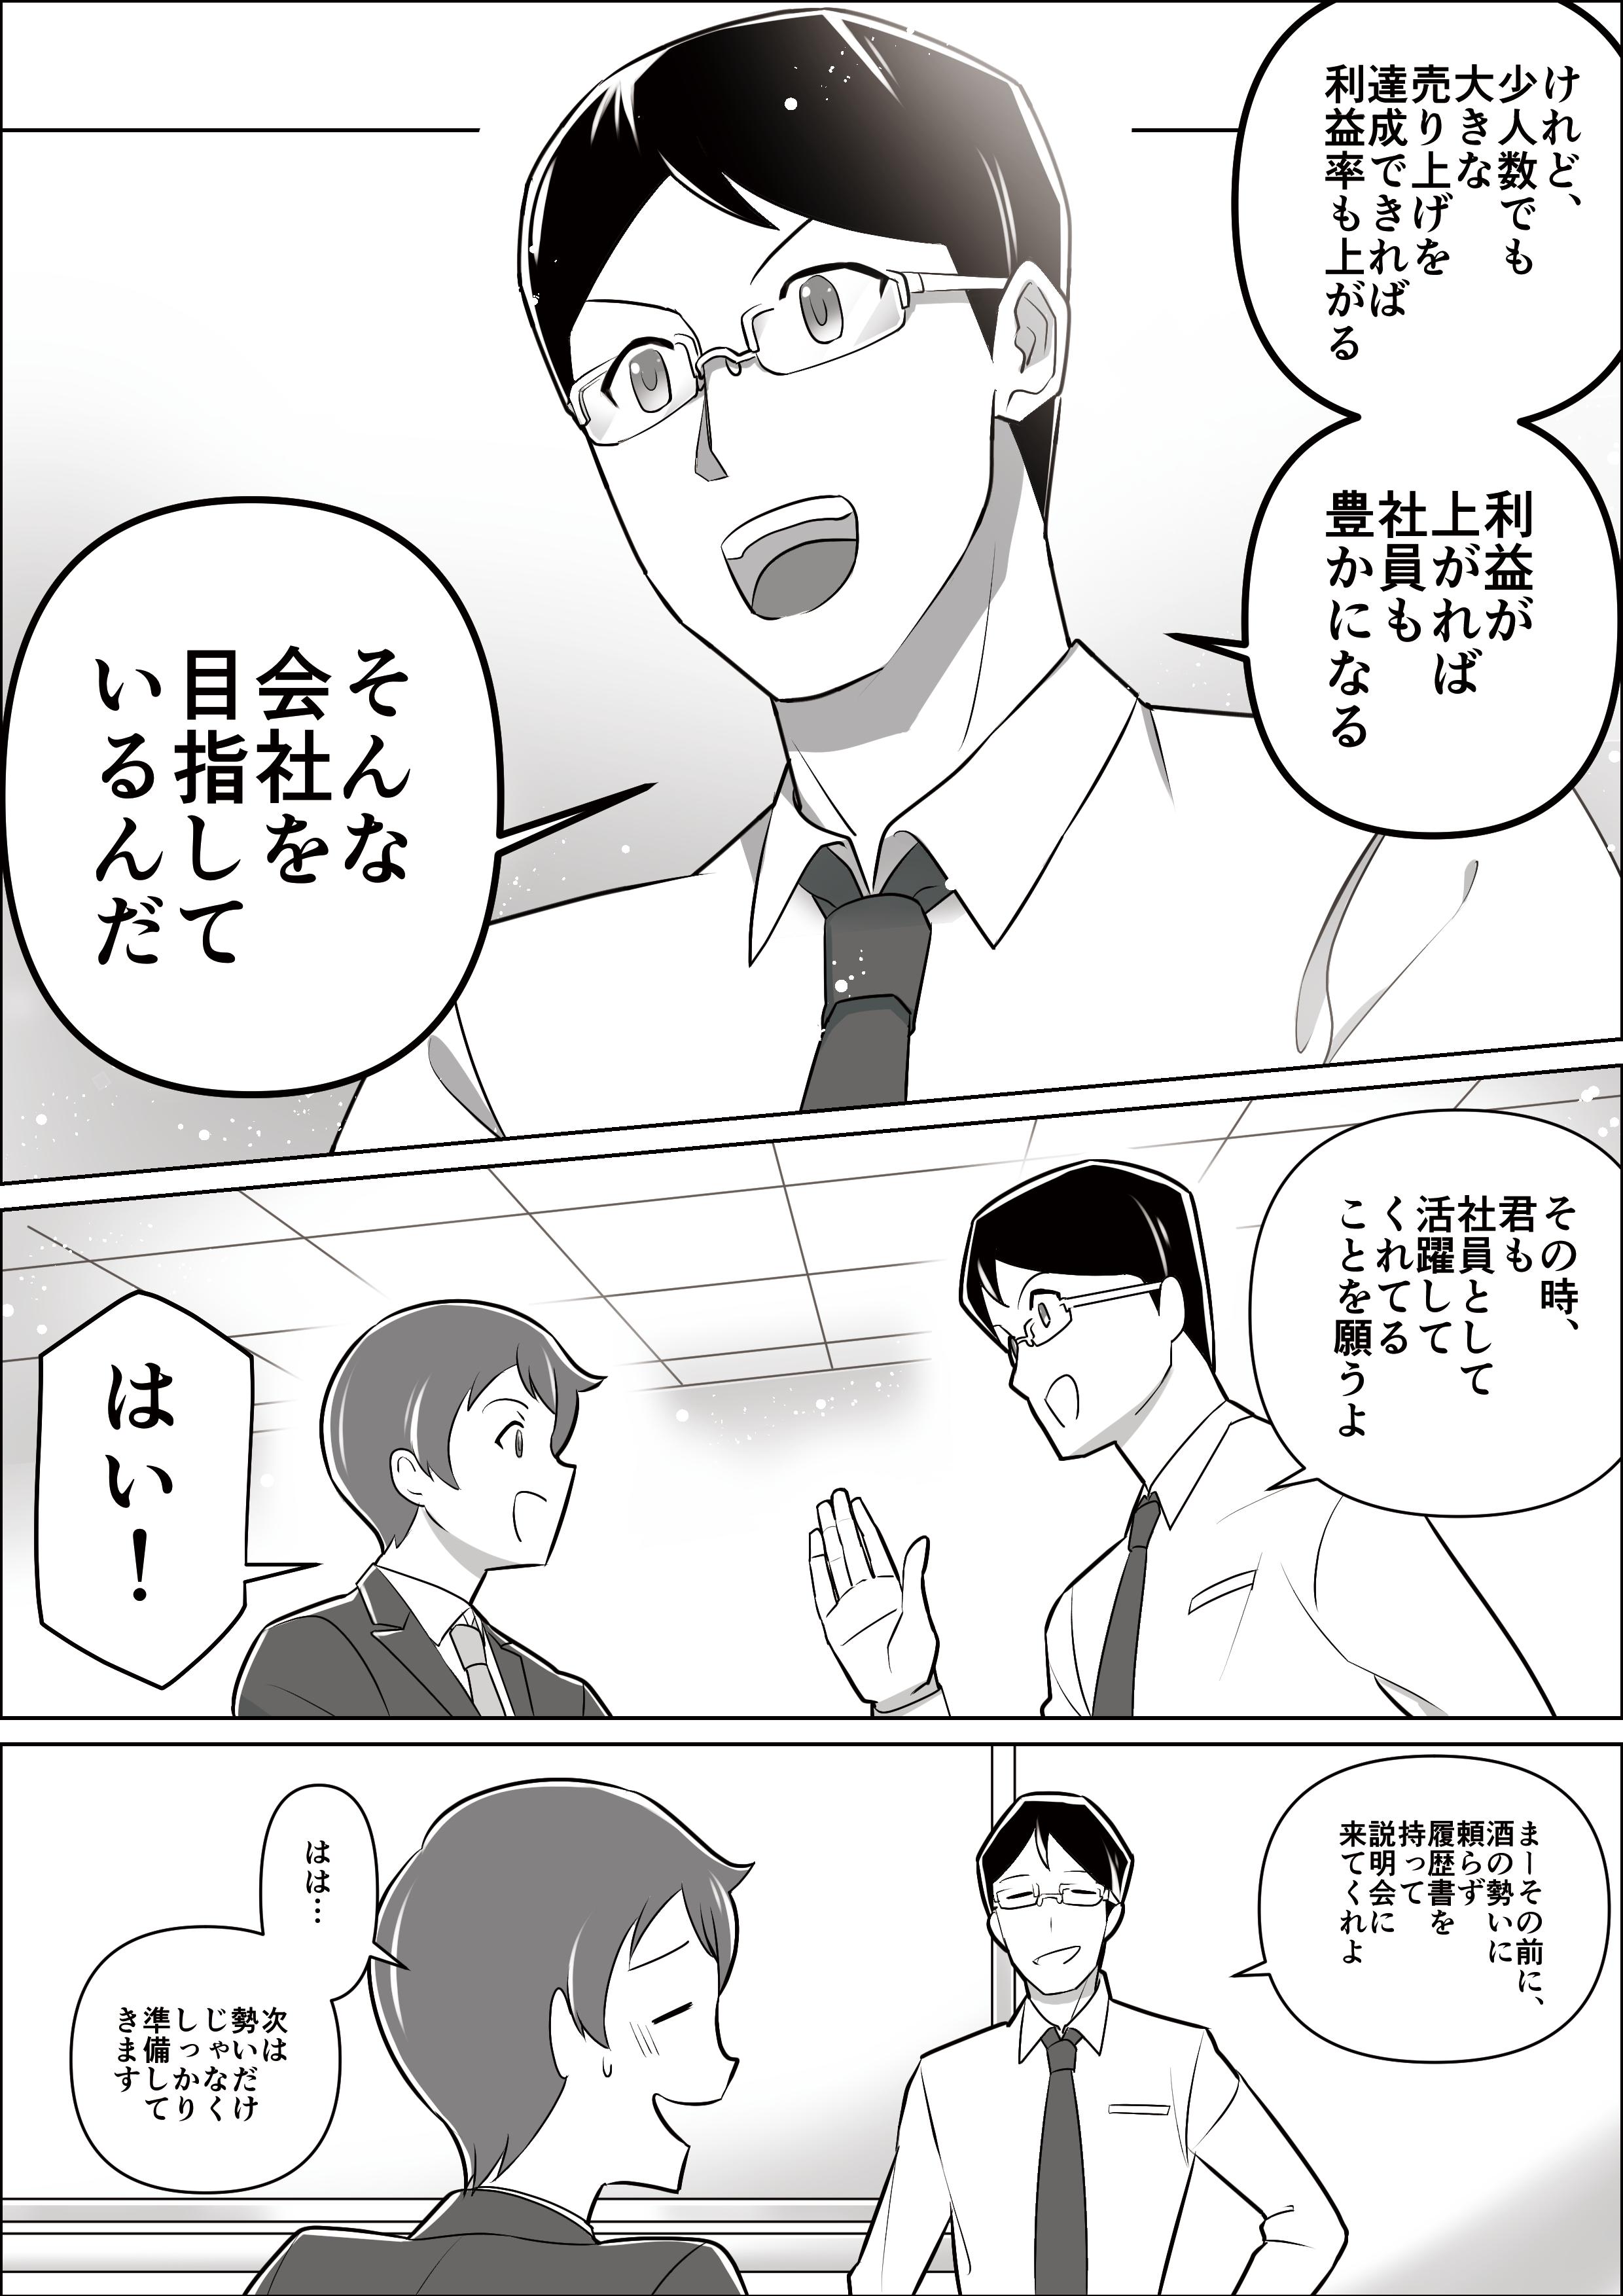 会社紹介漫画 新卒編7